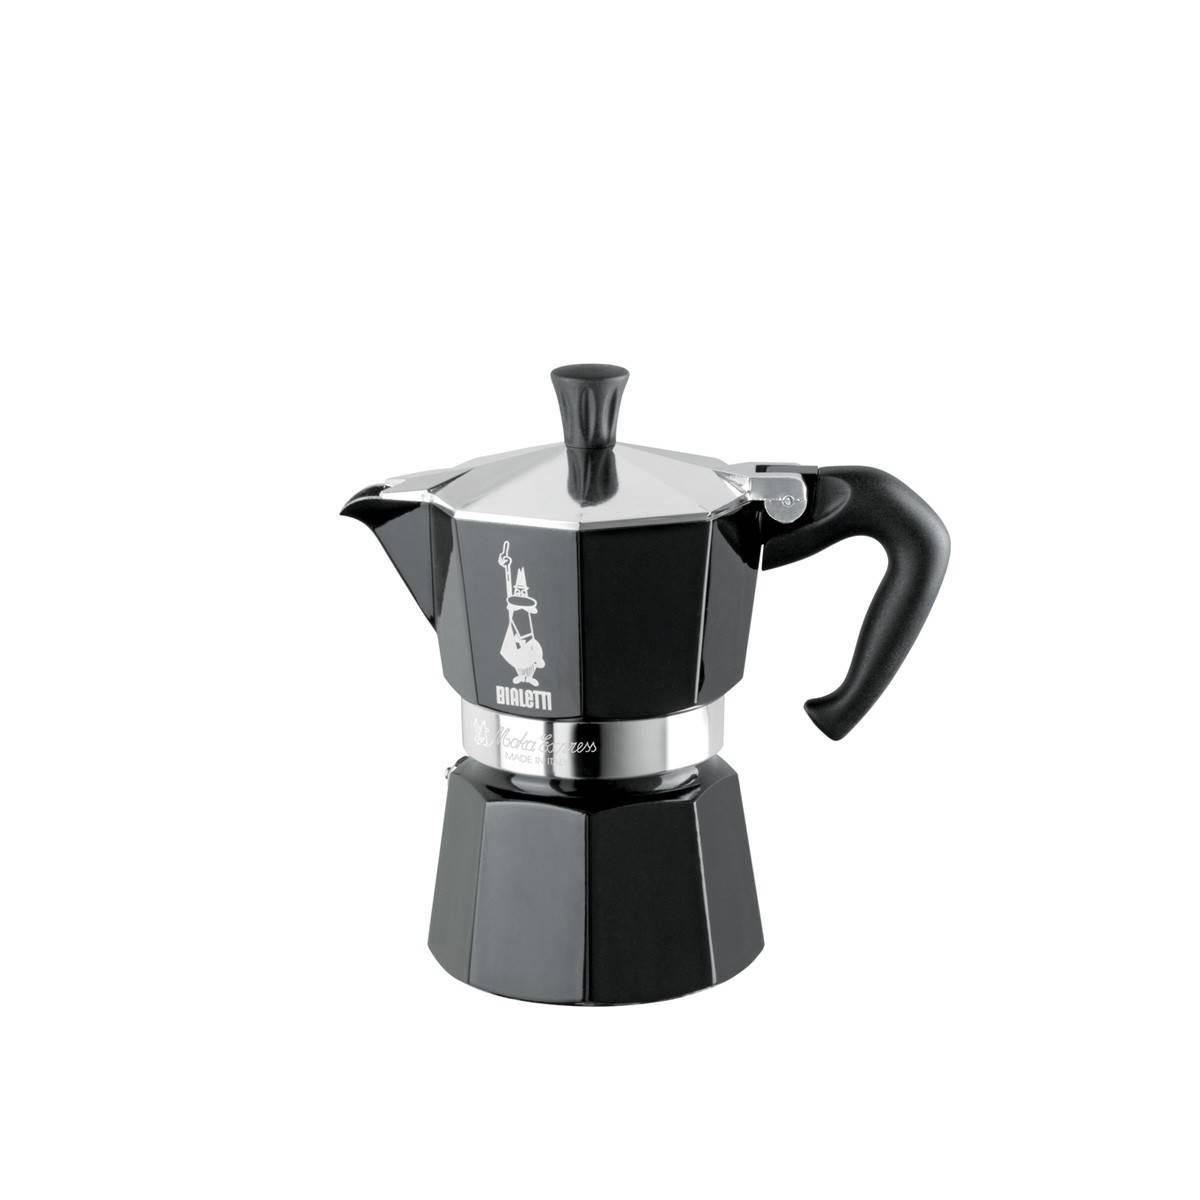 Bialetti kávovar Moka Express černý na 3 šálky - Bialetti + dárek k nákupu